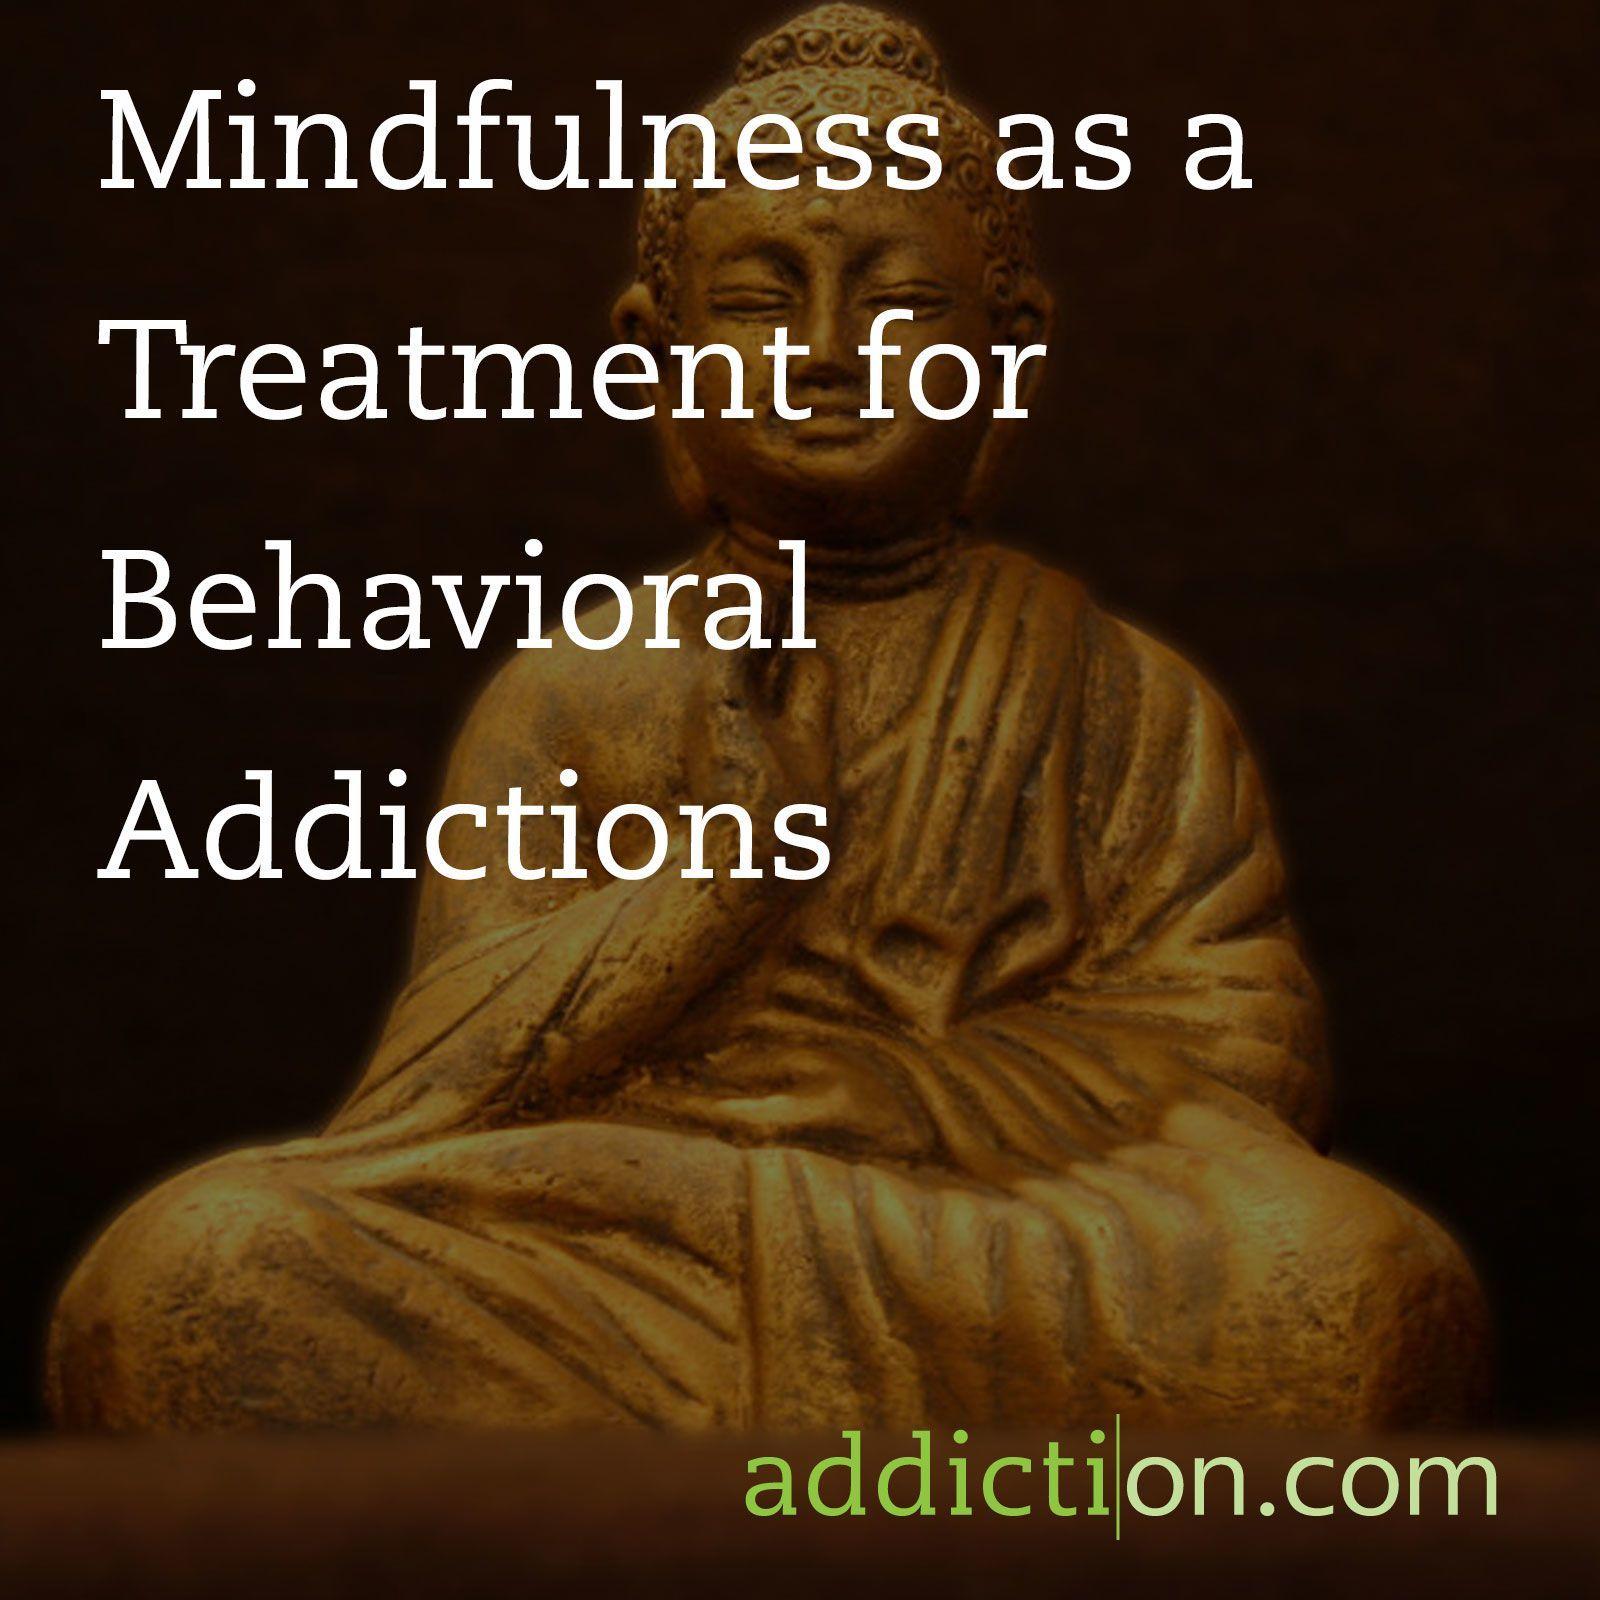 mindfulness addiction quote on image of buddha